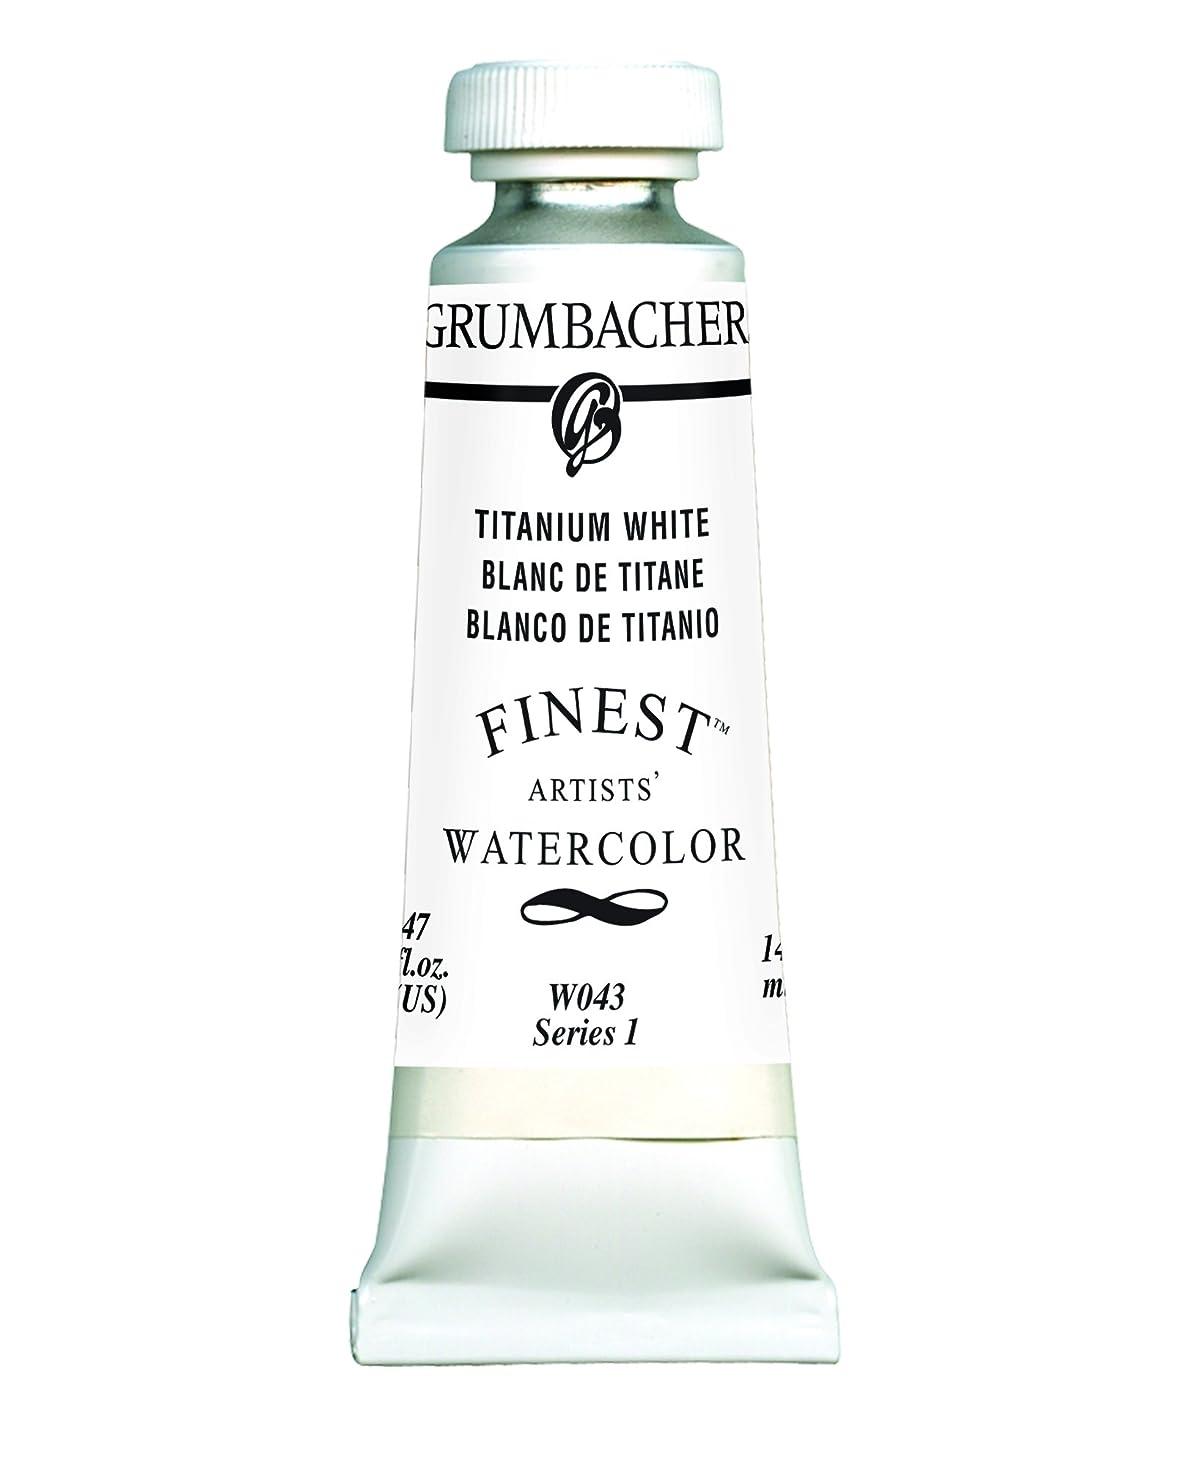 Grumbacher Finest Watercolor Paint, 14 ml/0.47 oz, Titanium White